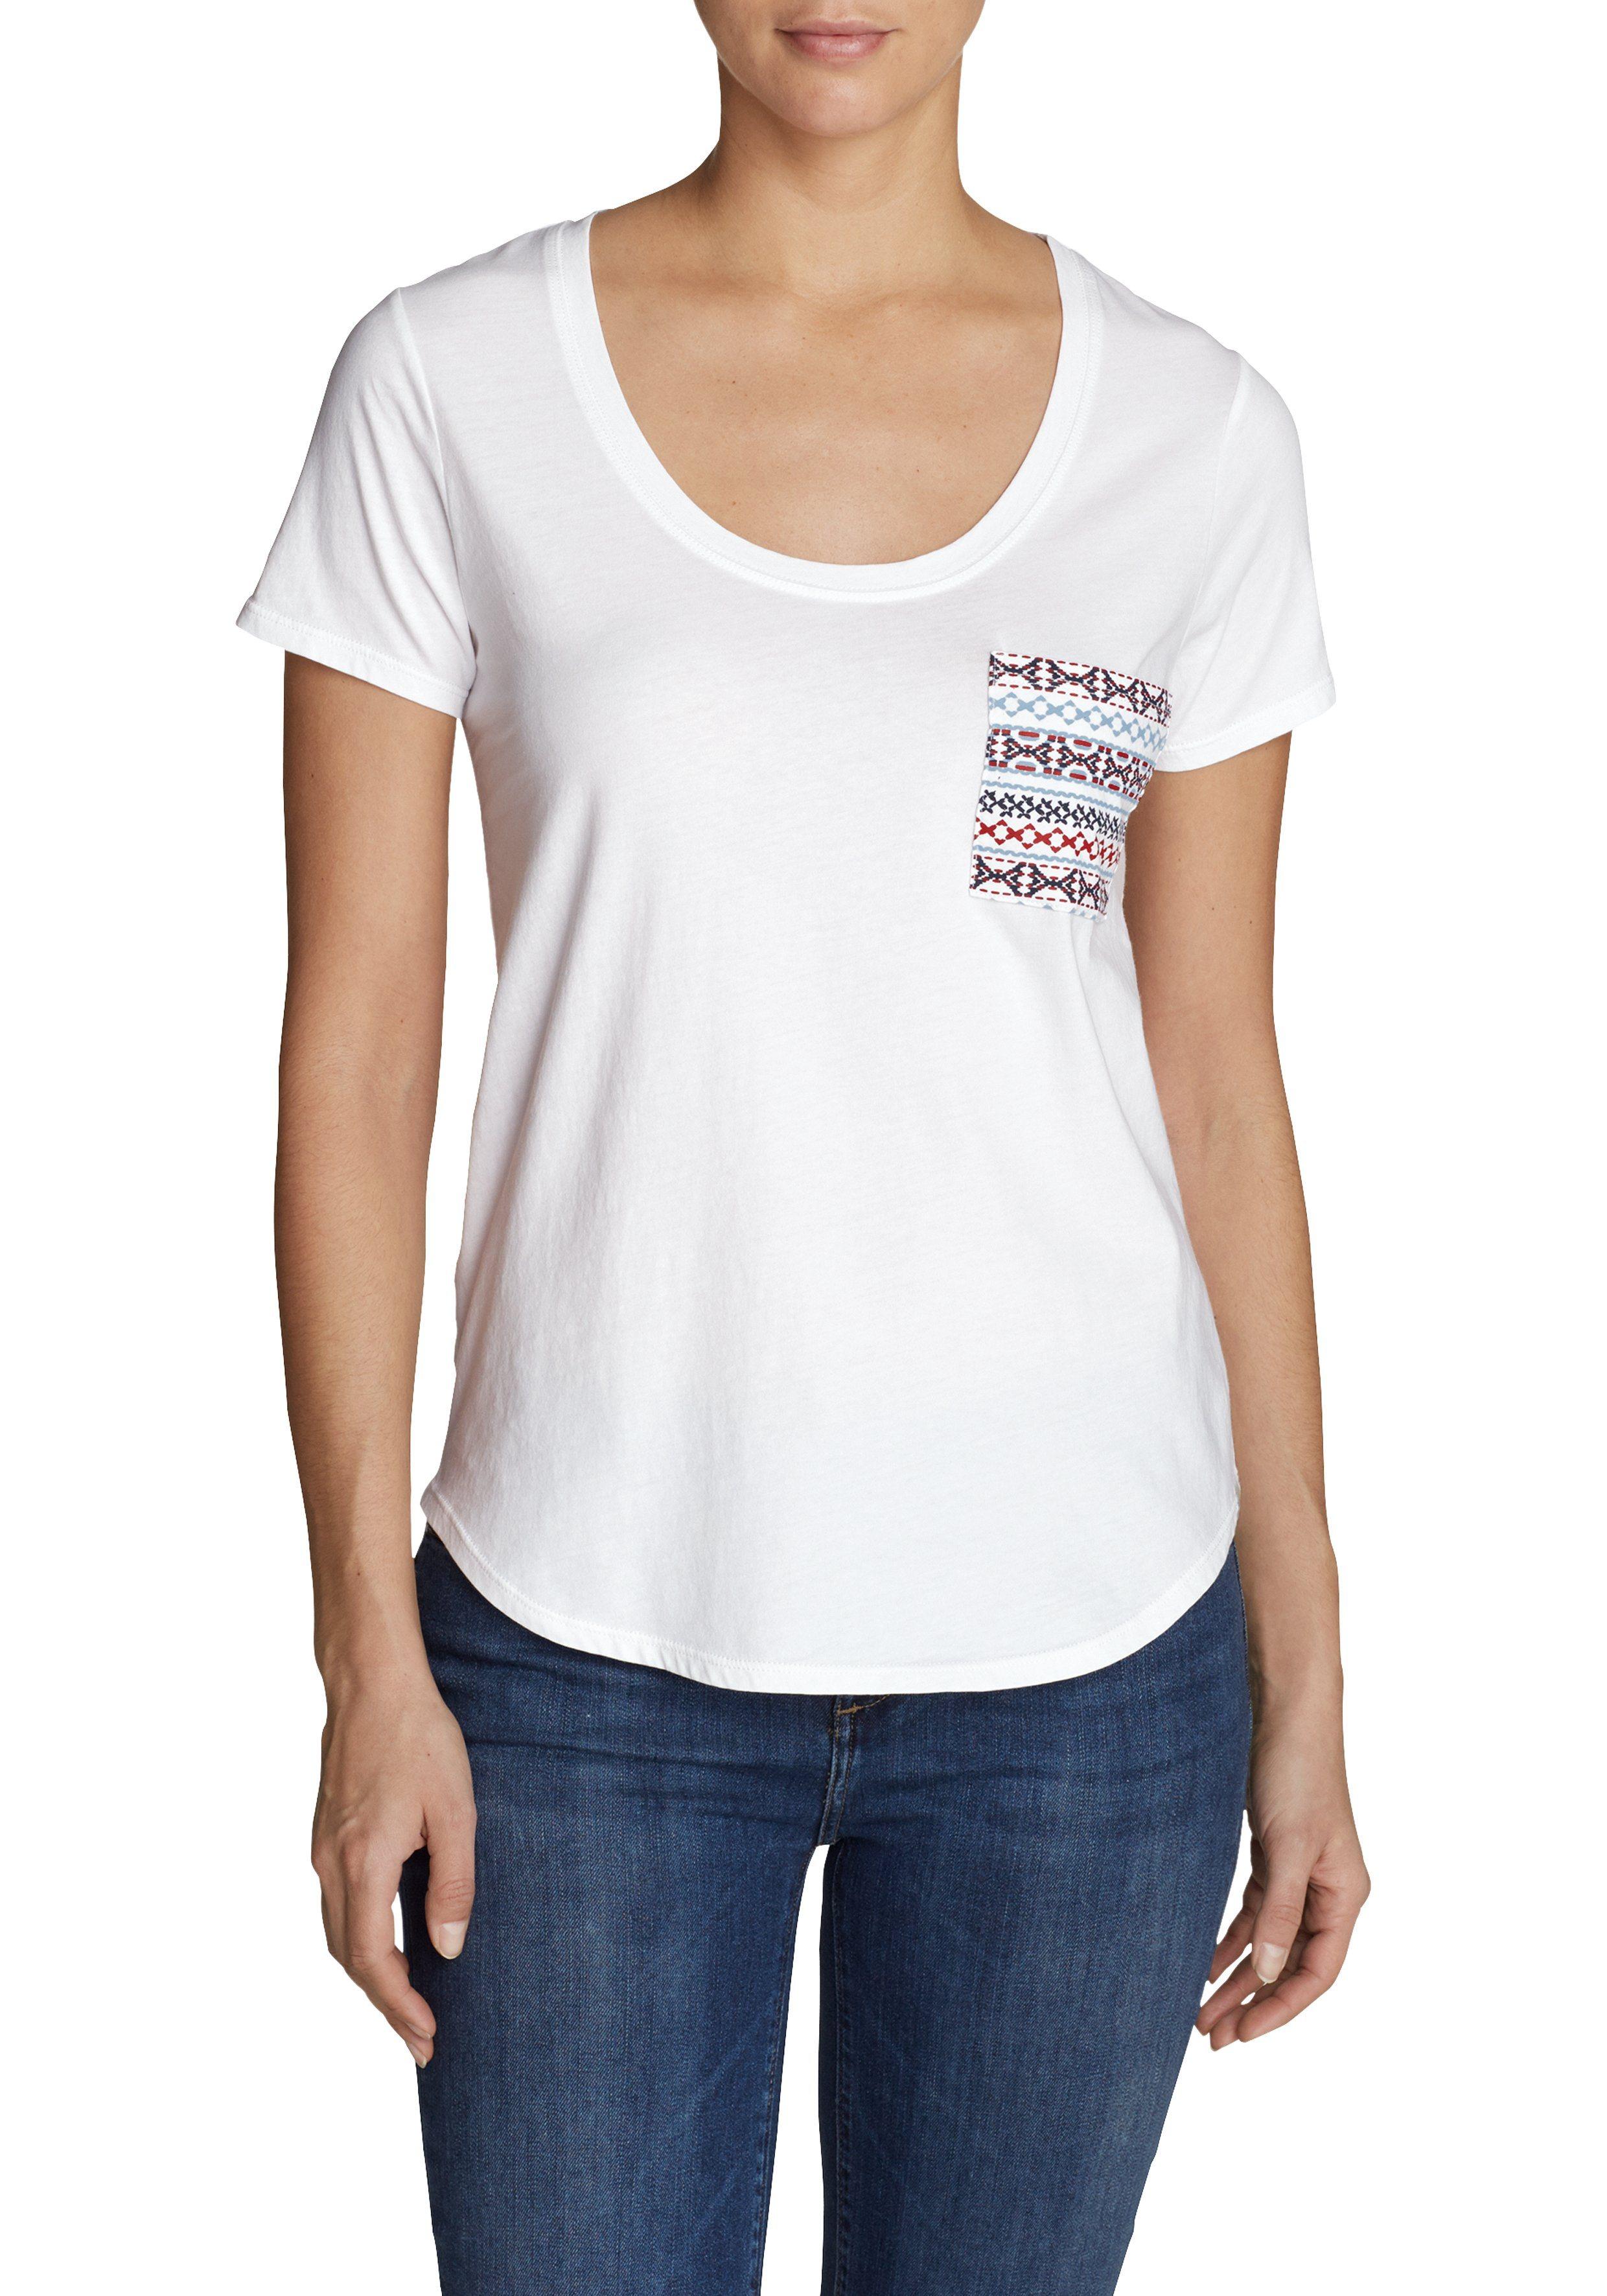 Damen Eddie Bauer T-Shirt Malachite T-Shirt mit bestickter Tasche weiß   04057682275833